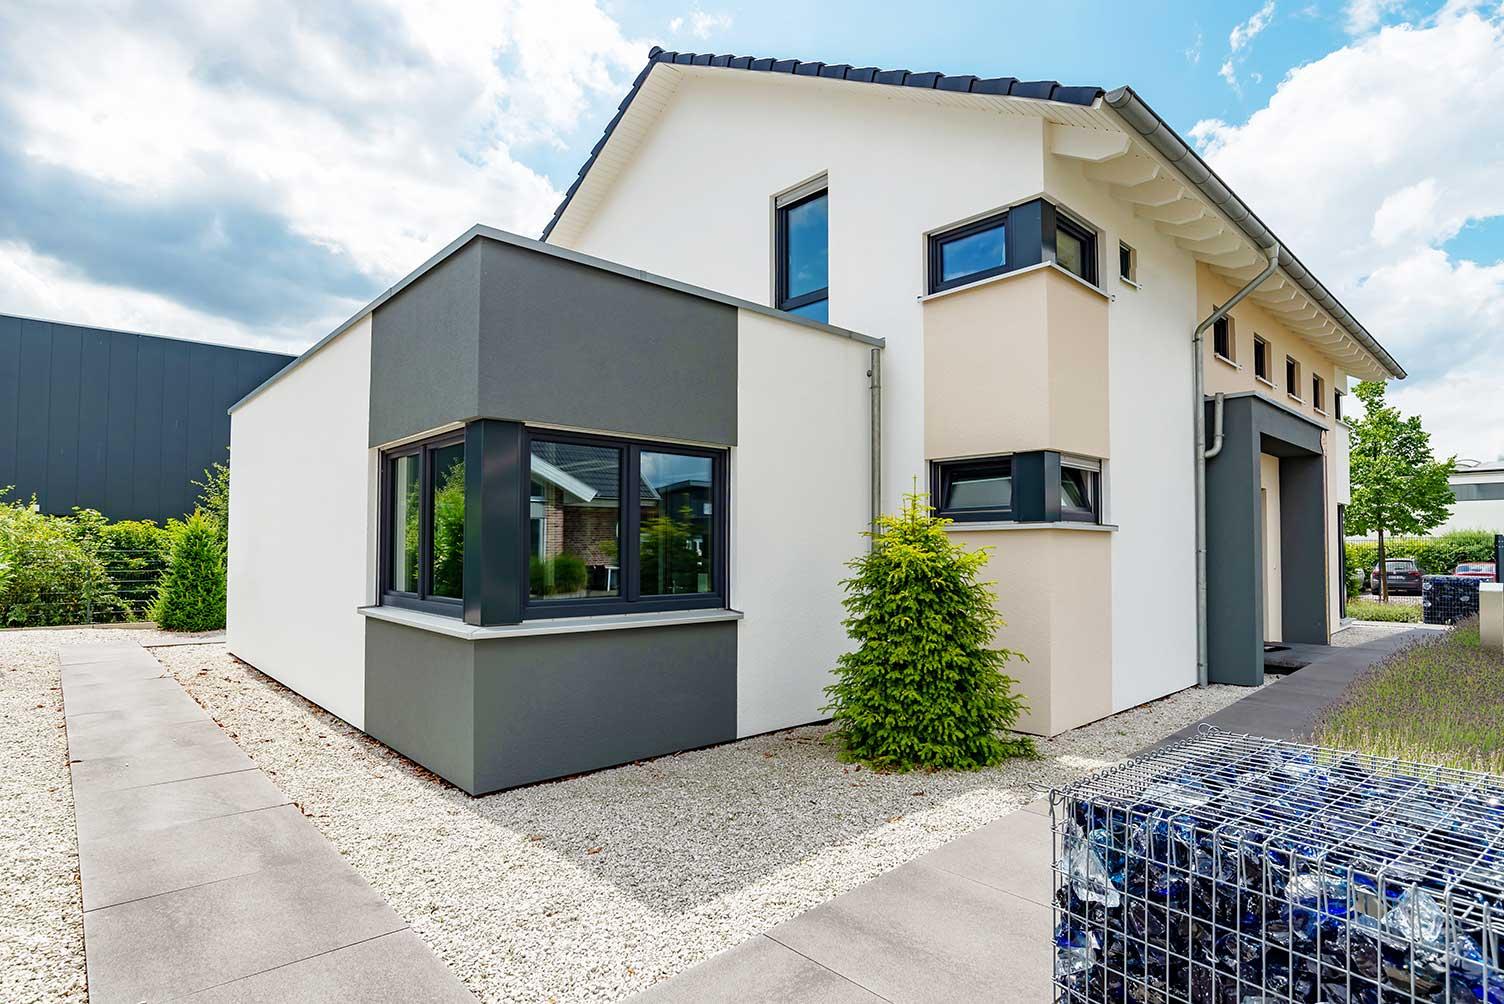 Anthrazitfarbene Fenster lassen die Fassade des Eigenheims im modernen Look erscheinen.